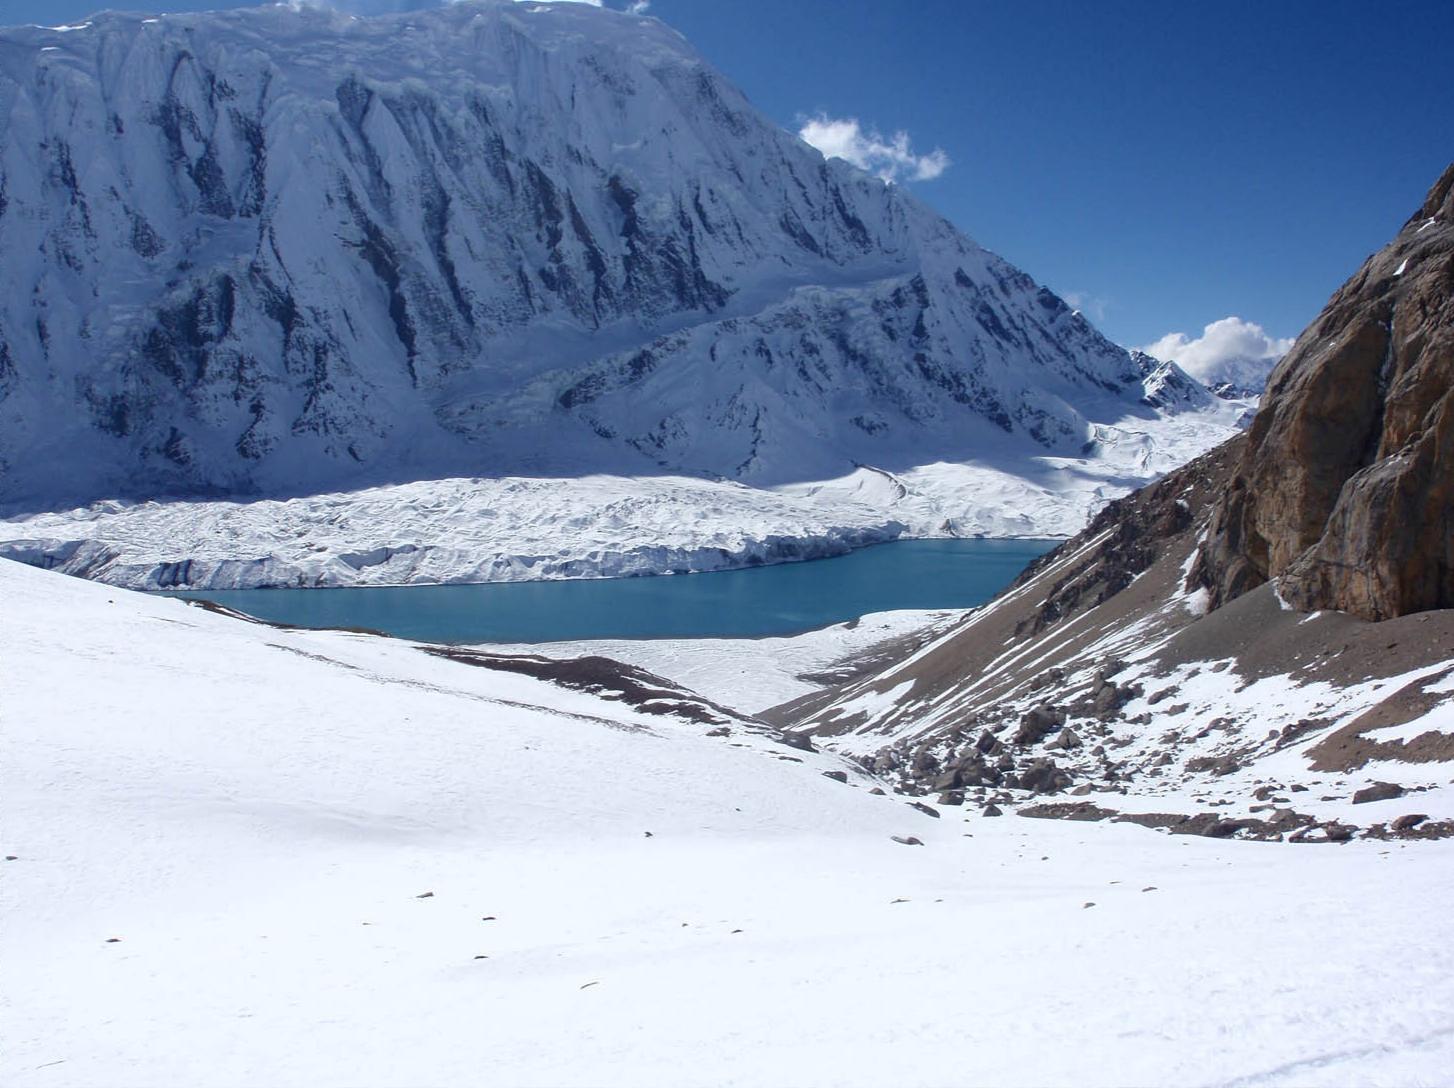 Lac  et au fond l'arête du Tilicho Peak